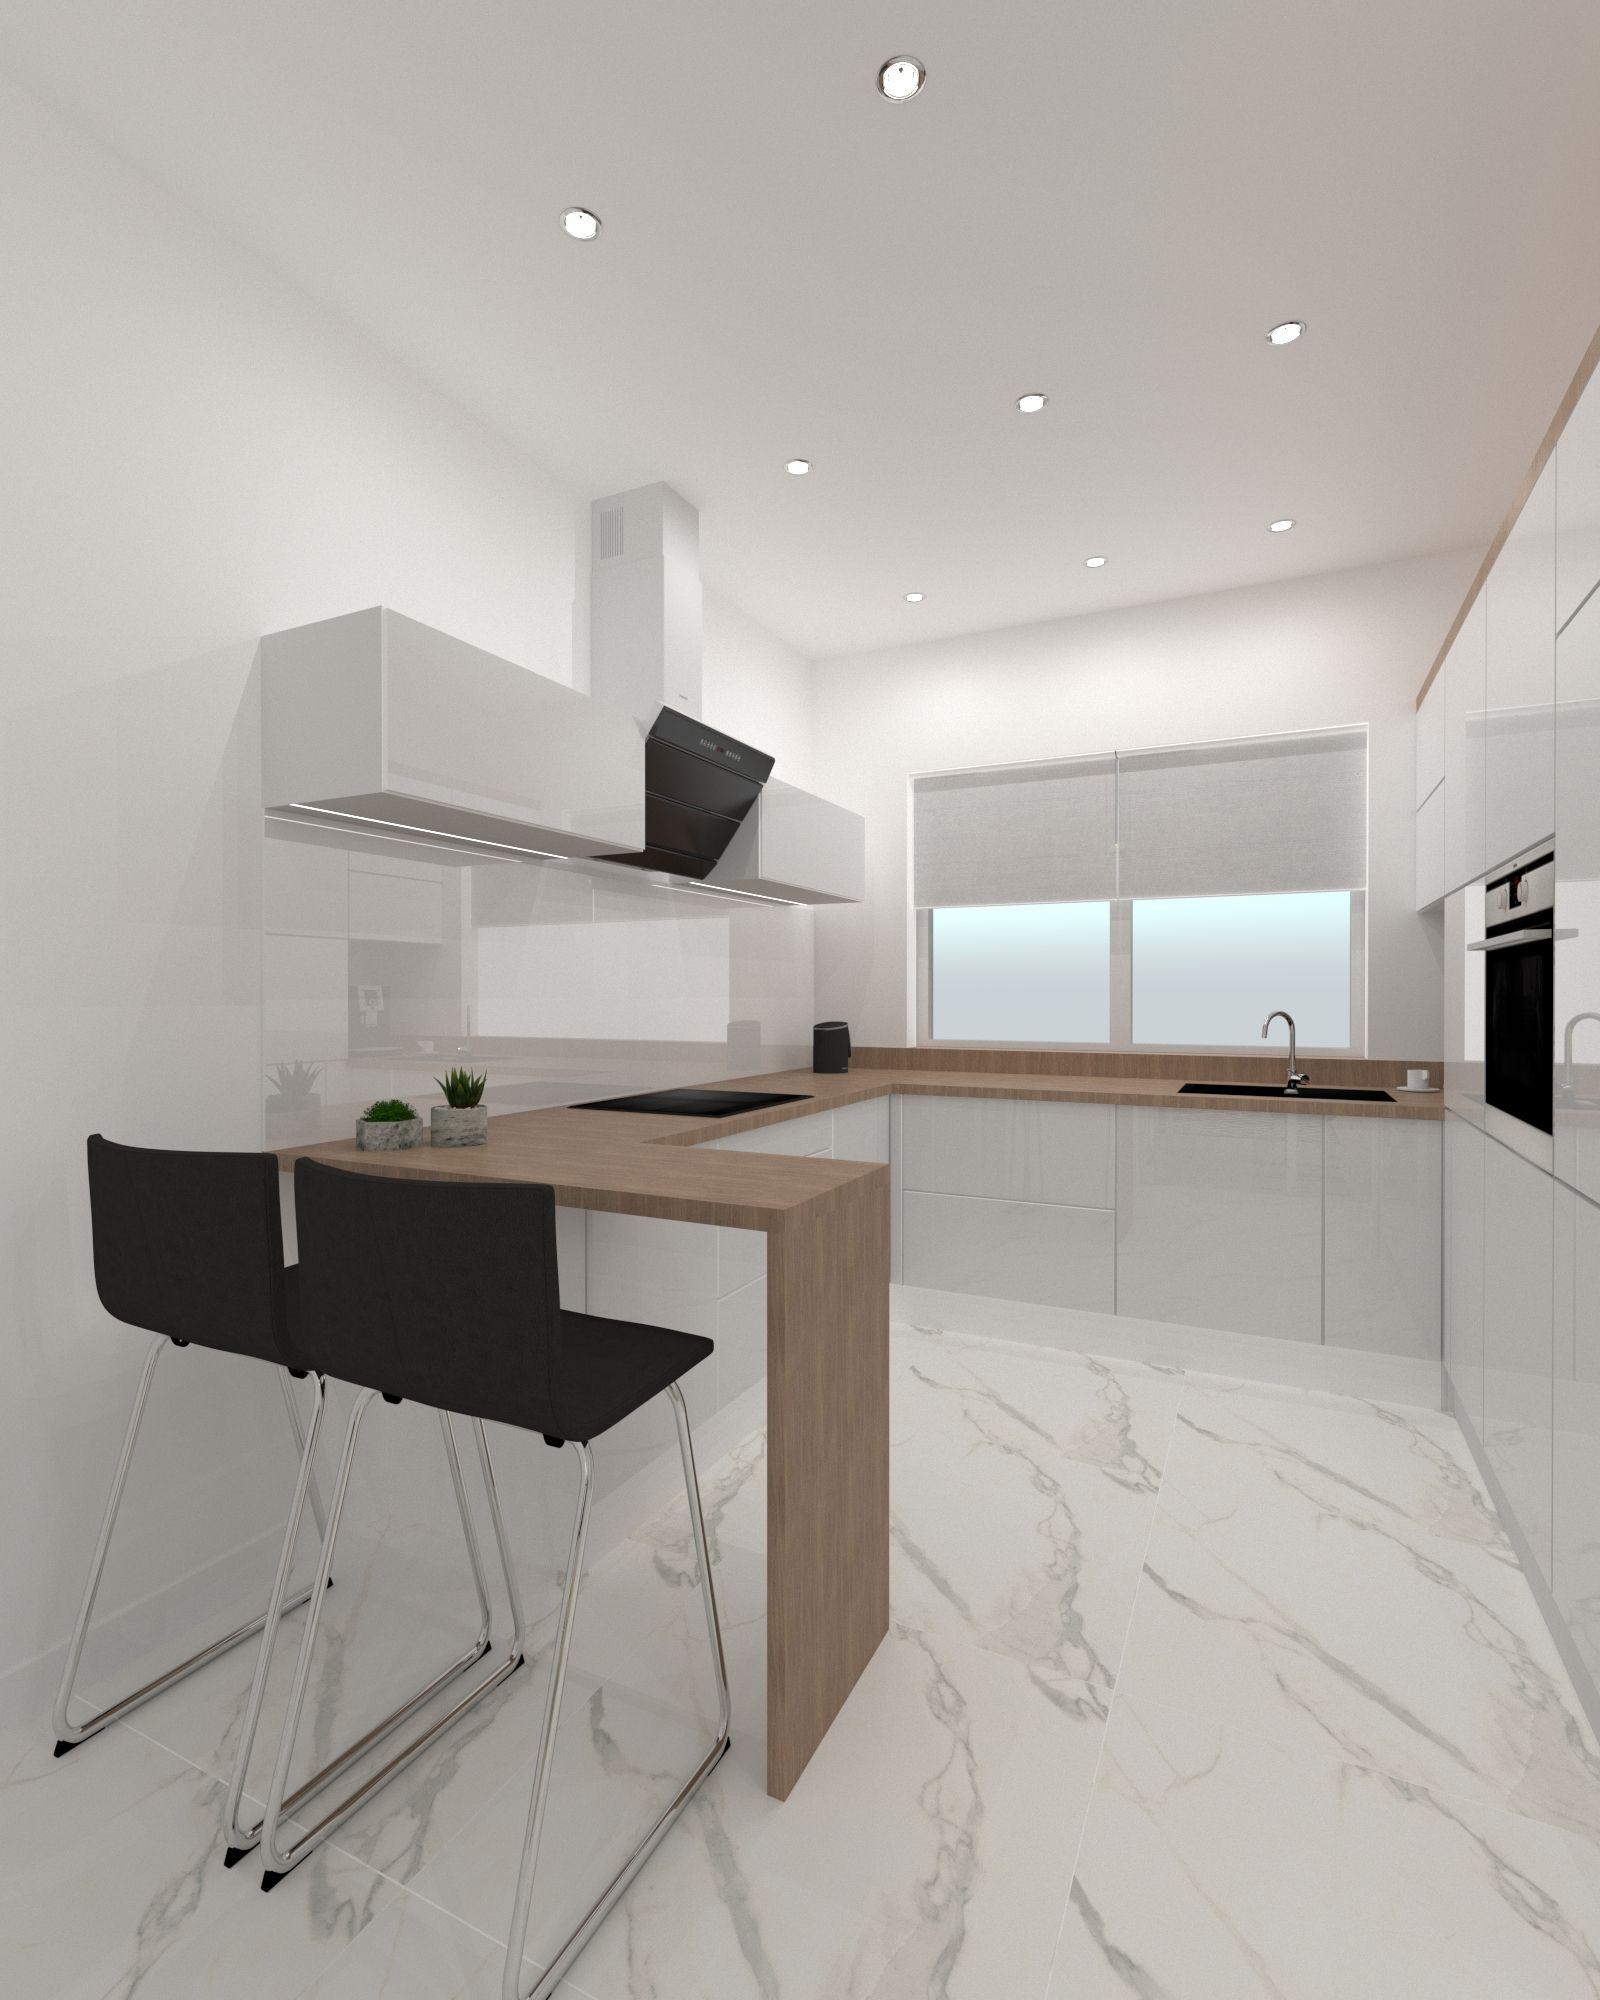 Kuchnia Z Bufetem Sniadaniowym Interior Design Home Decor Home